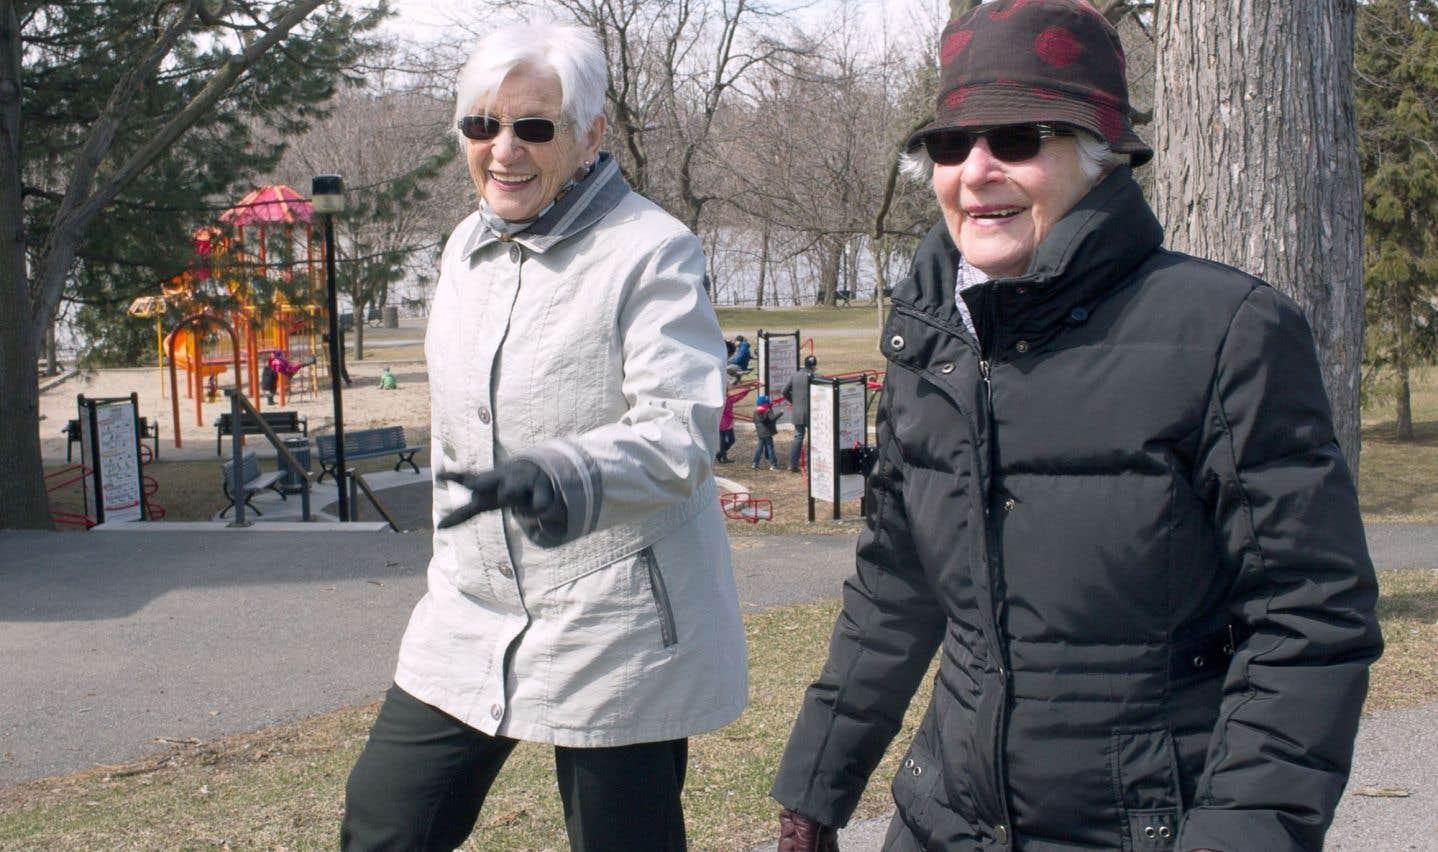 A l'heure où la population vieillit, la question qui se pose de plus en plus est celle de savoir si « les territoires » sont bien adaptés, ou s'adapteront, au vieillissement.